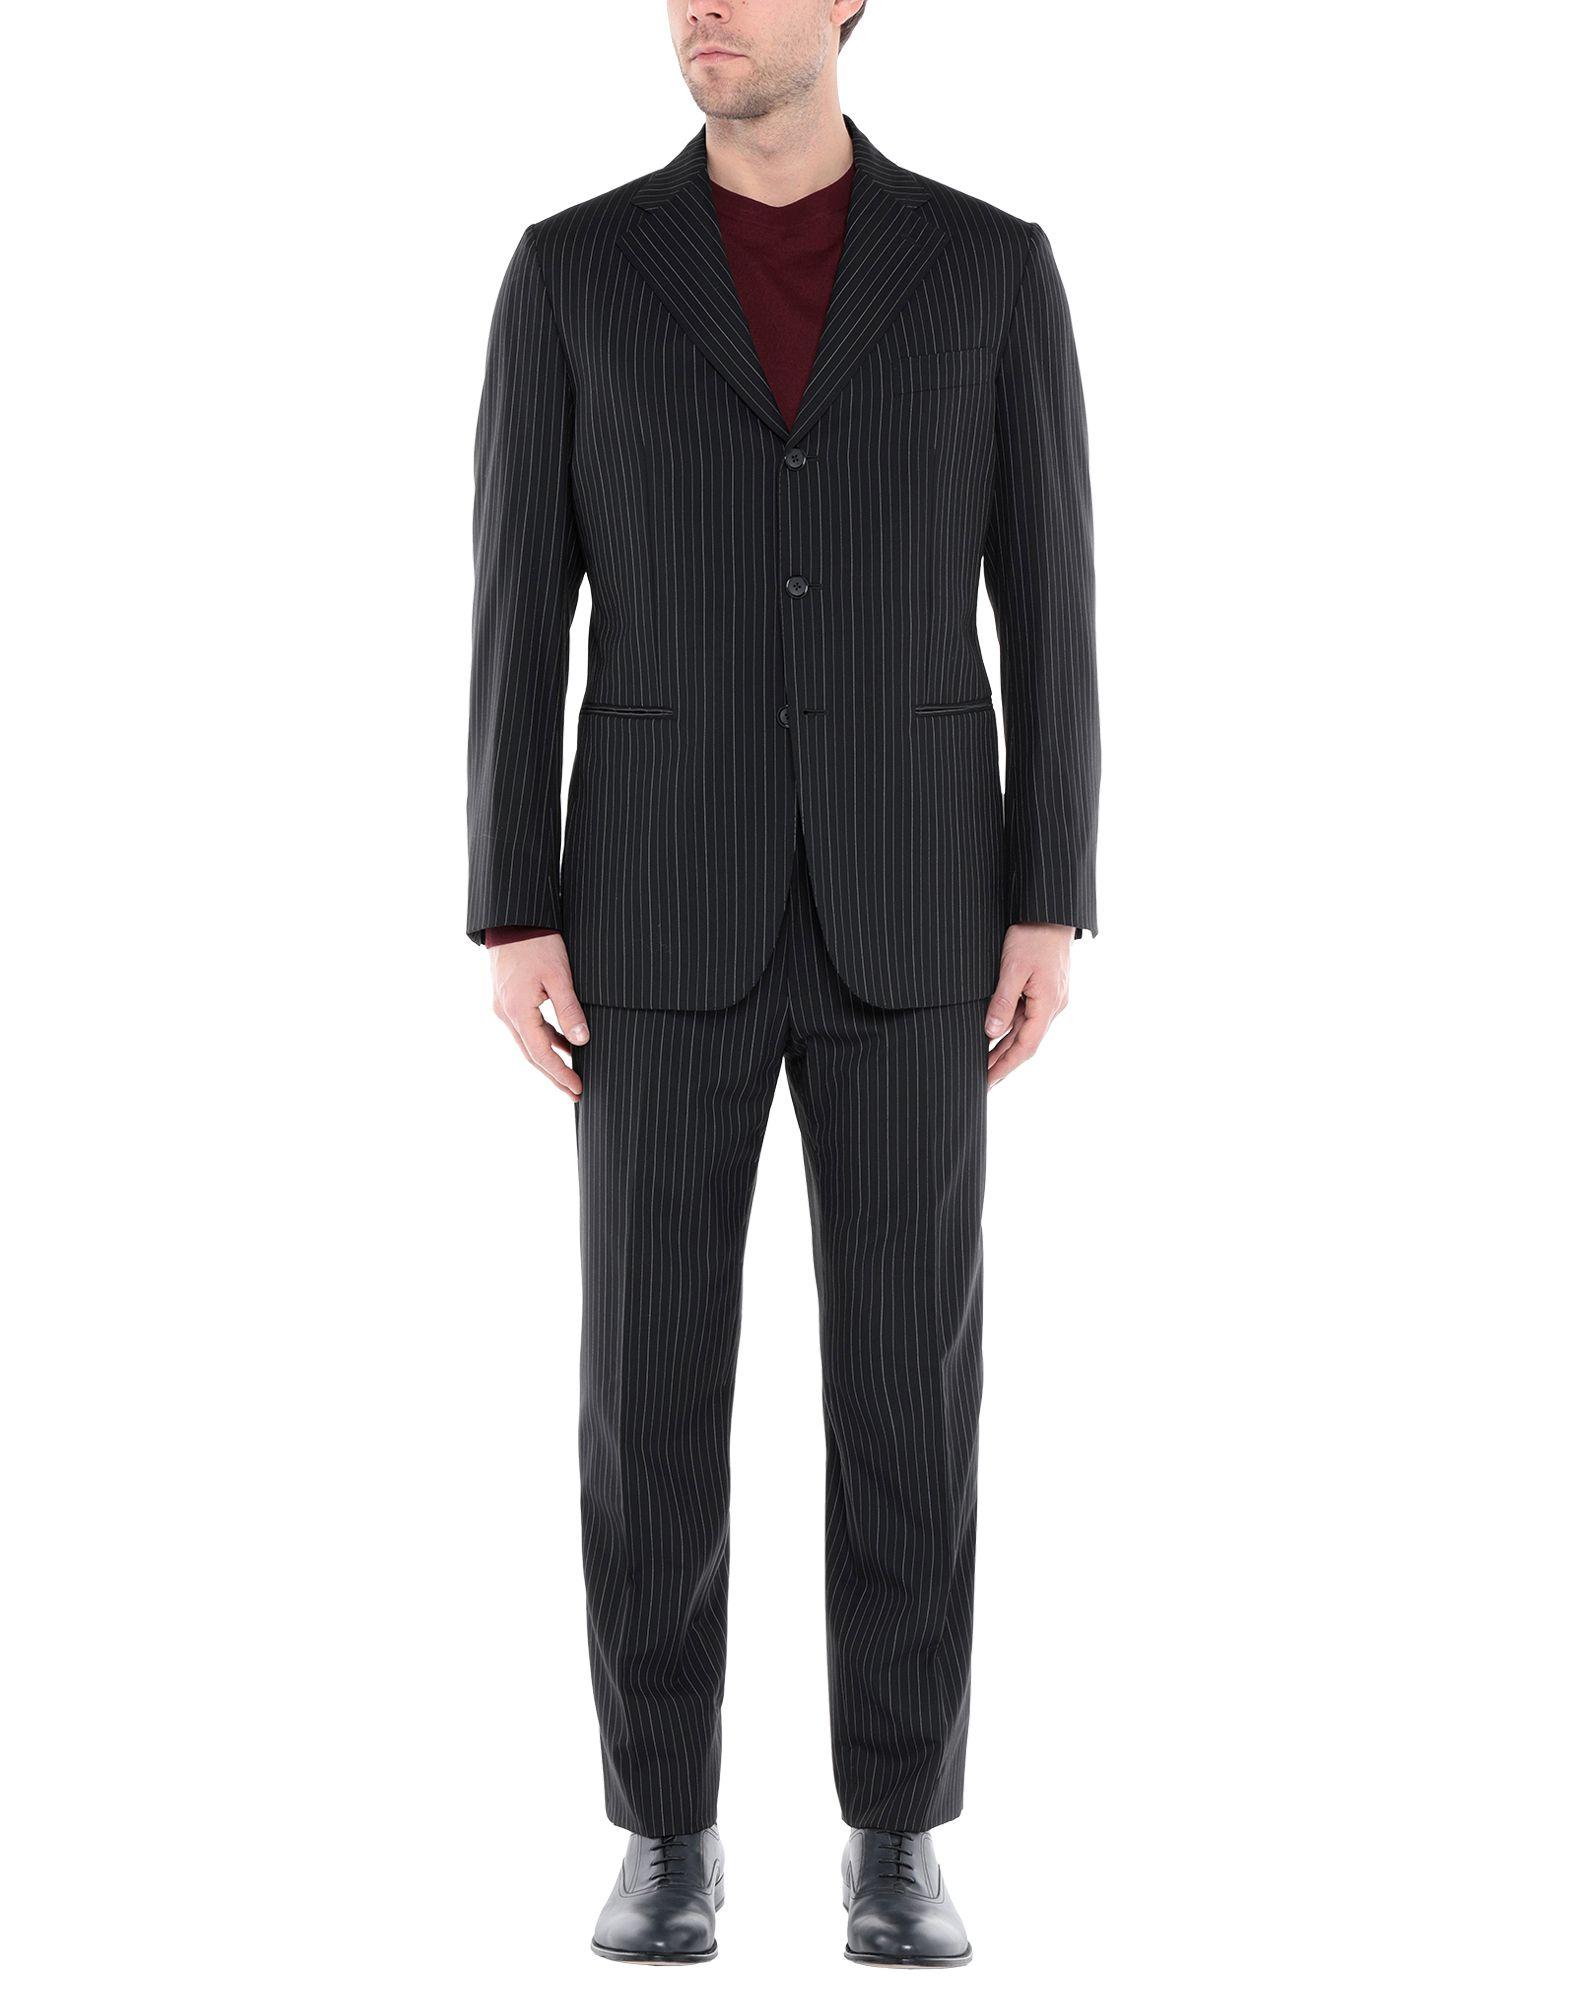 《送料無料》PATOS SARTORIA メンズ スーツ ブラック 52 ウール 100%